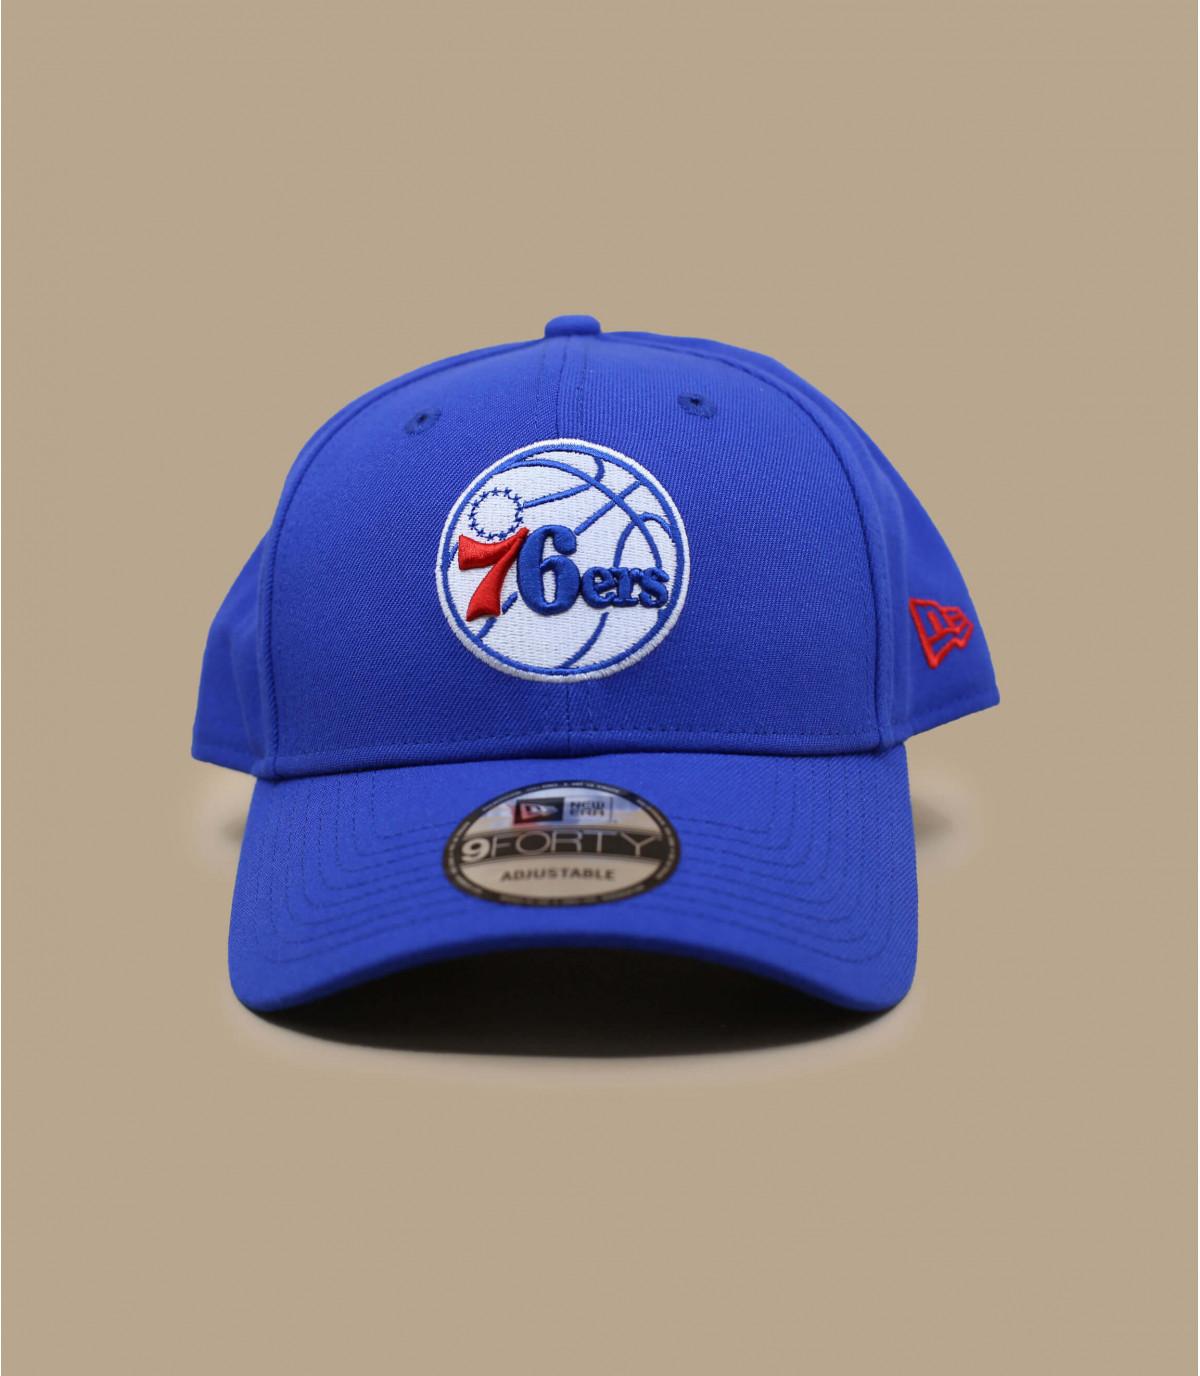 pink and blue LA cap